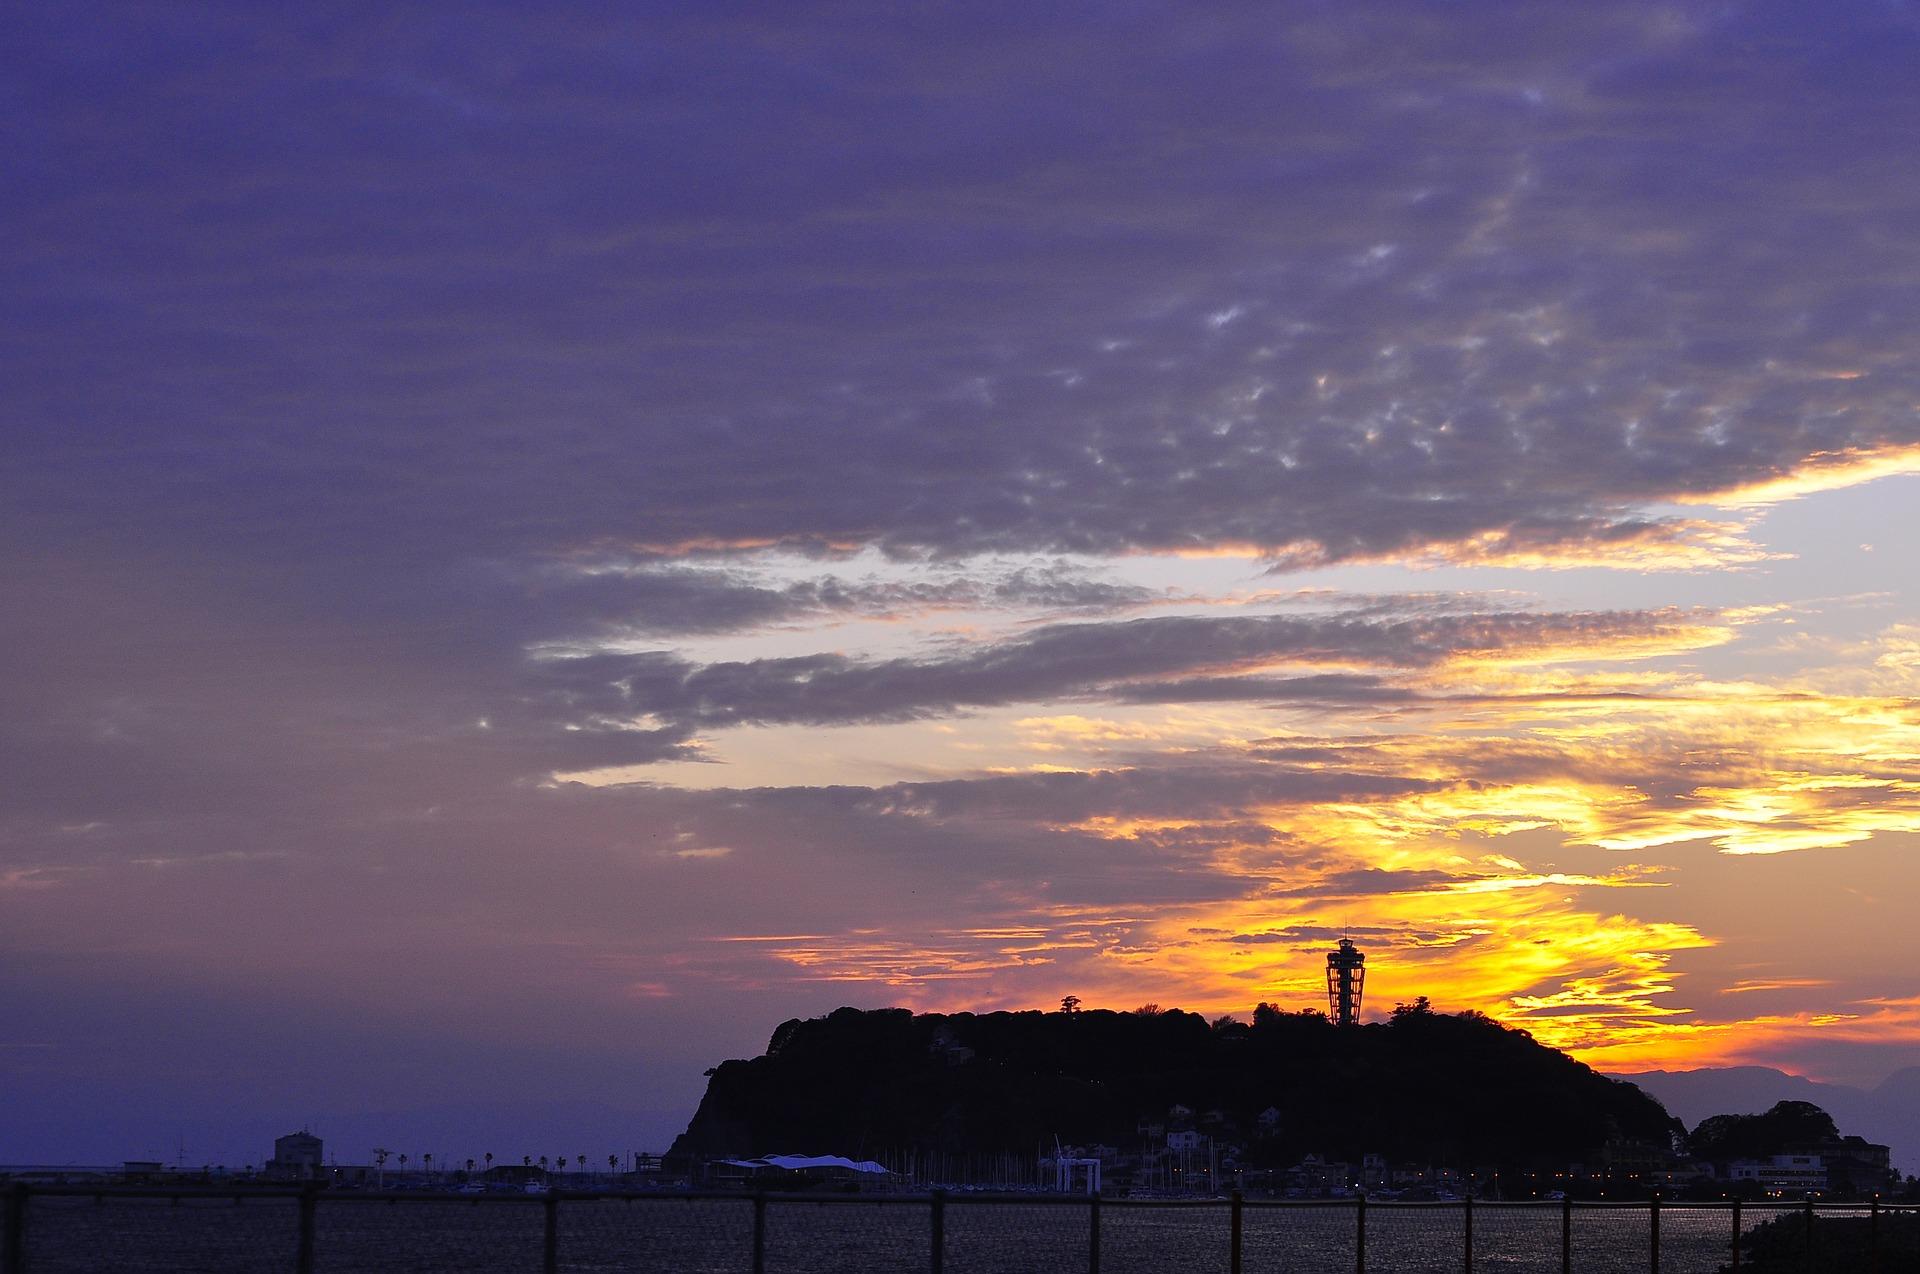 江ノ島観光はこのコースで決まり!江の島のおすすめスポット20選